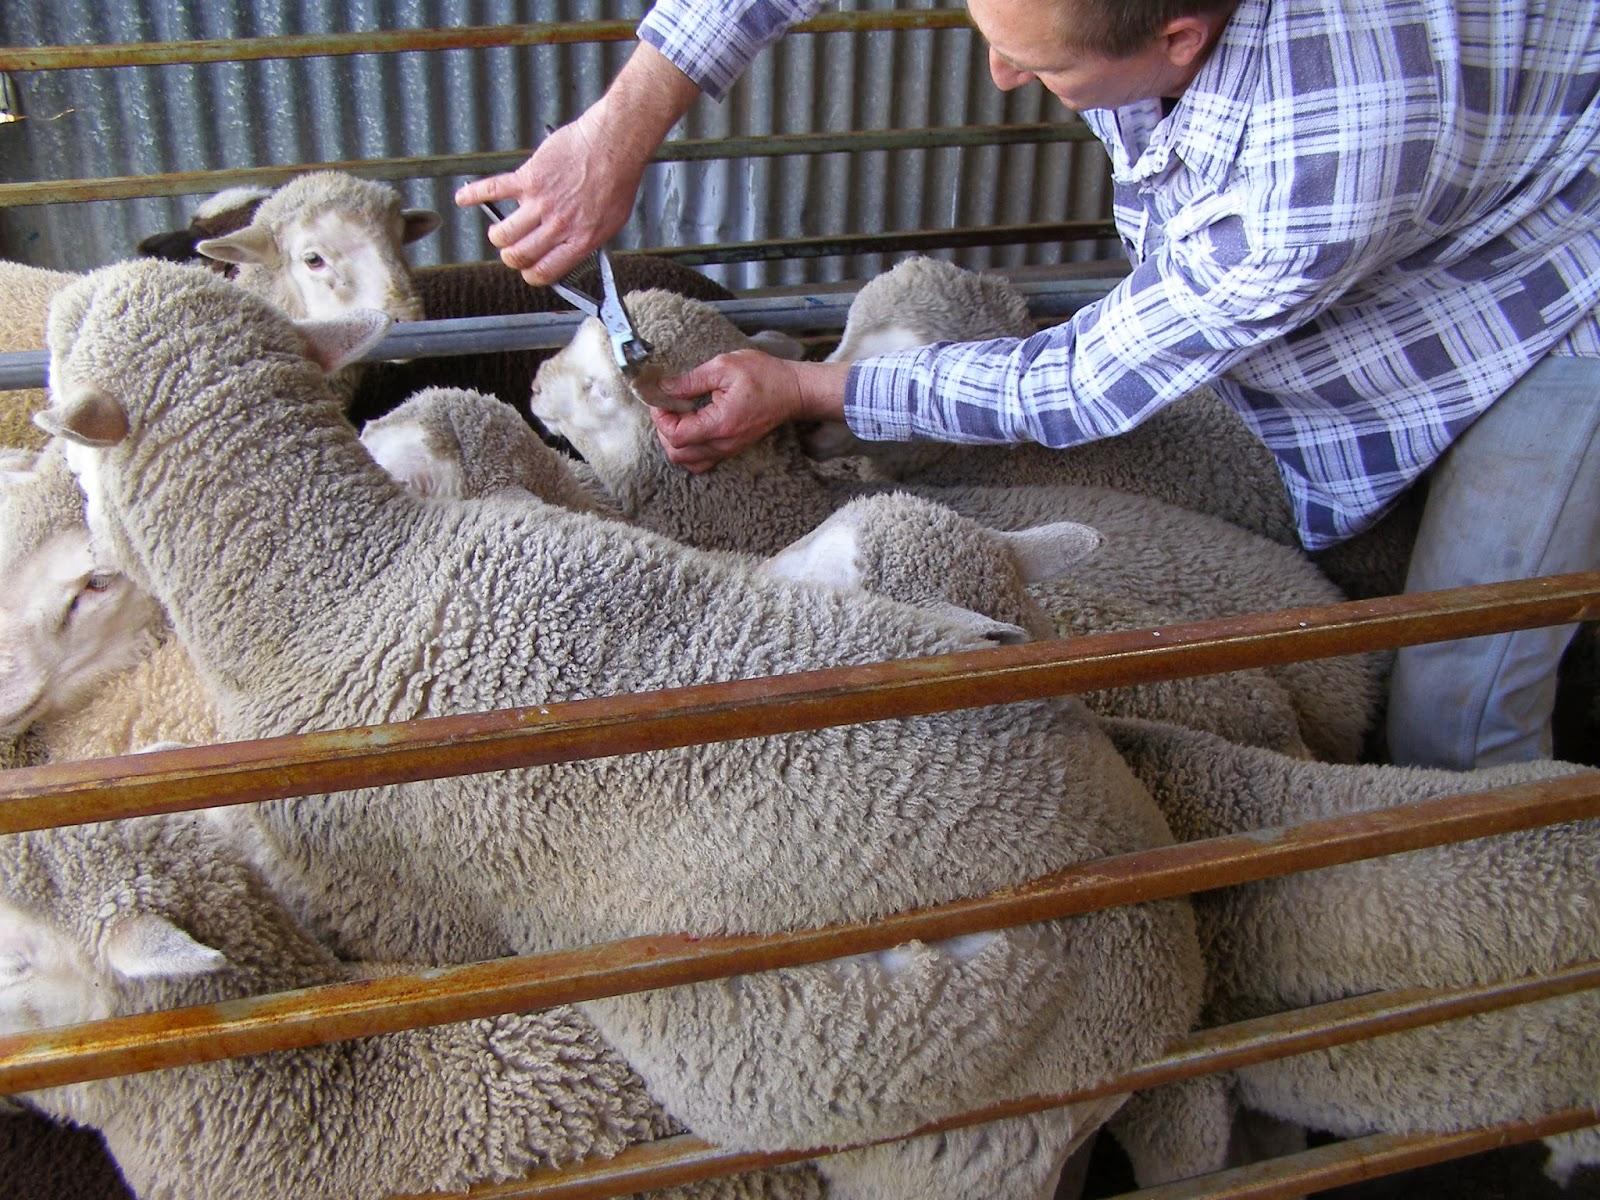 Pretending to Farm: Mustering Sheep